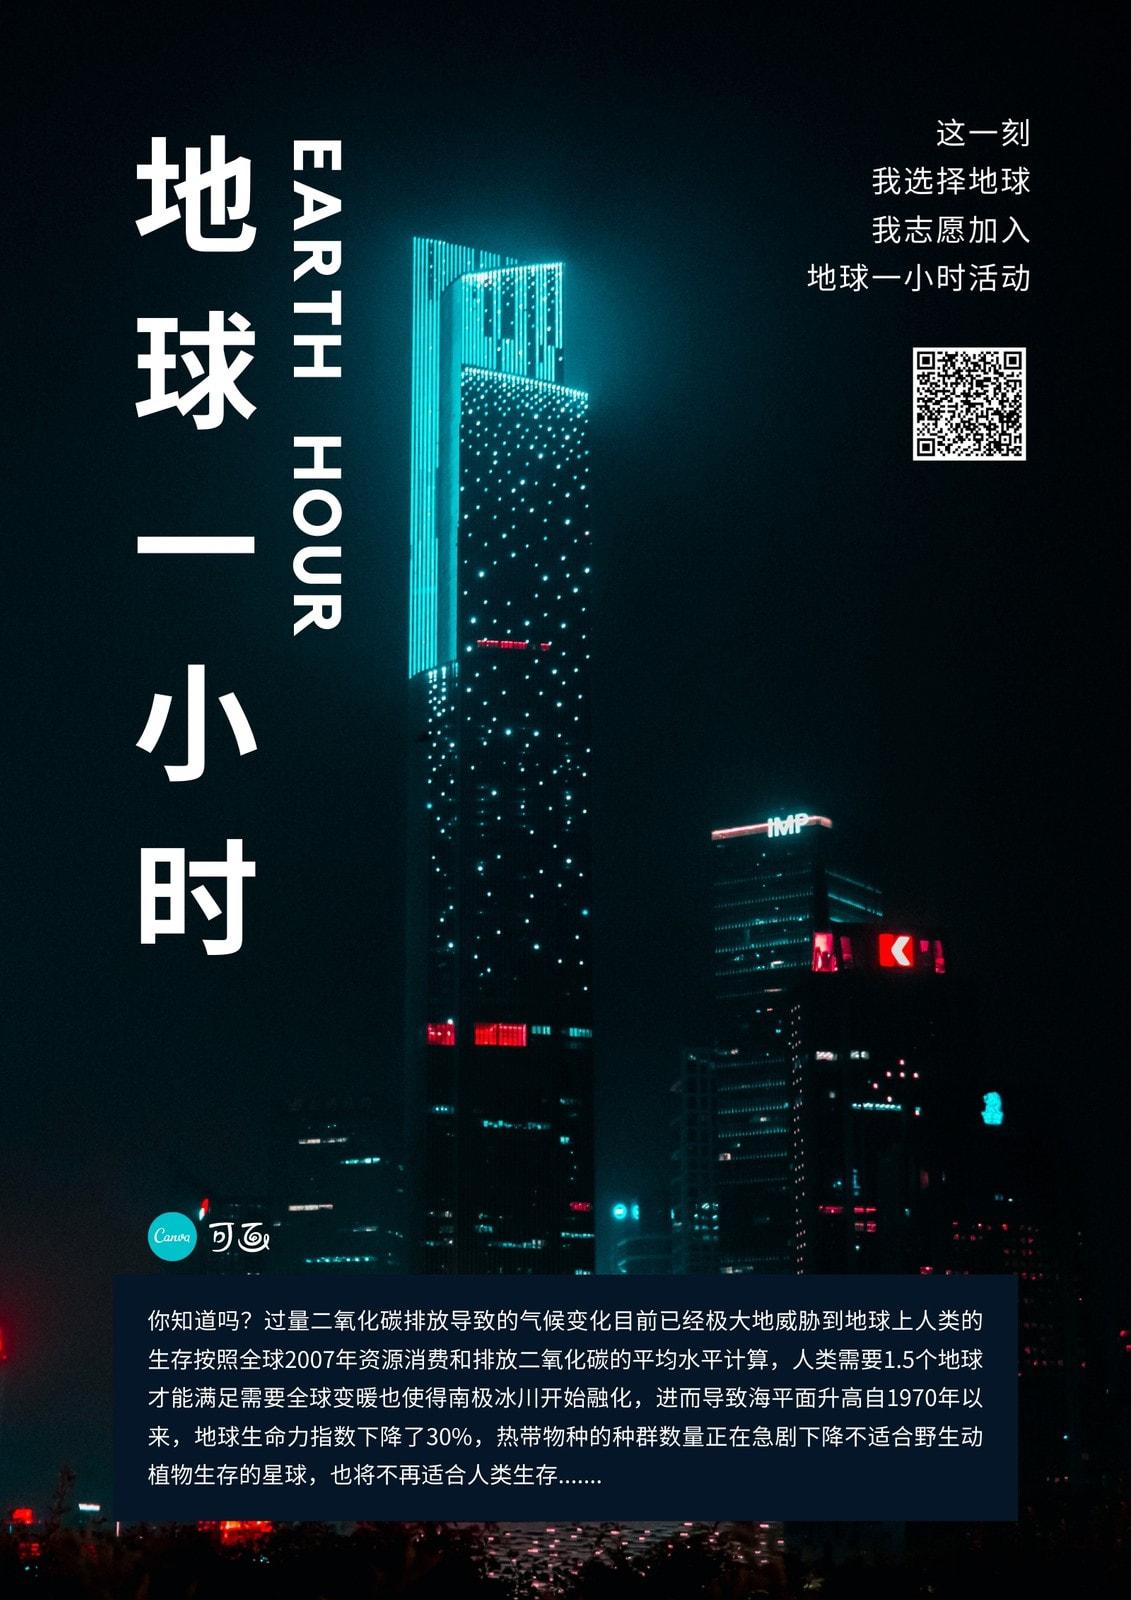 黑蓝色城市灯光照片地球一小时宣传海报